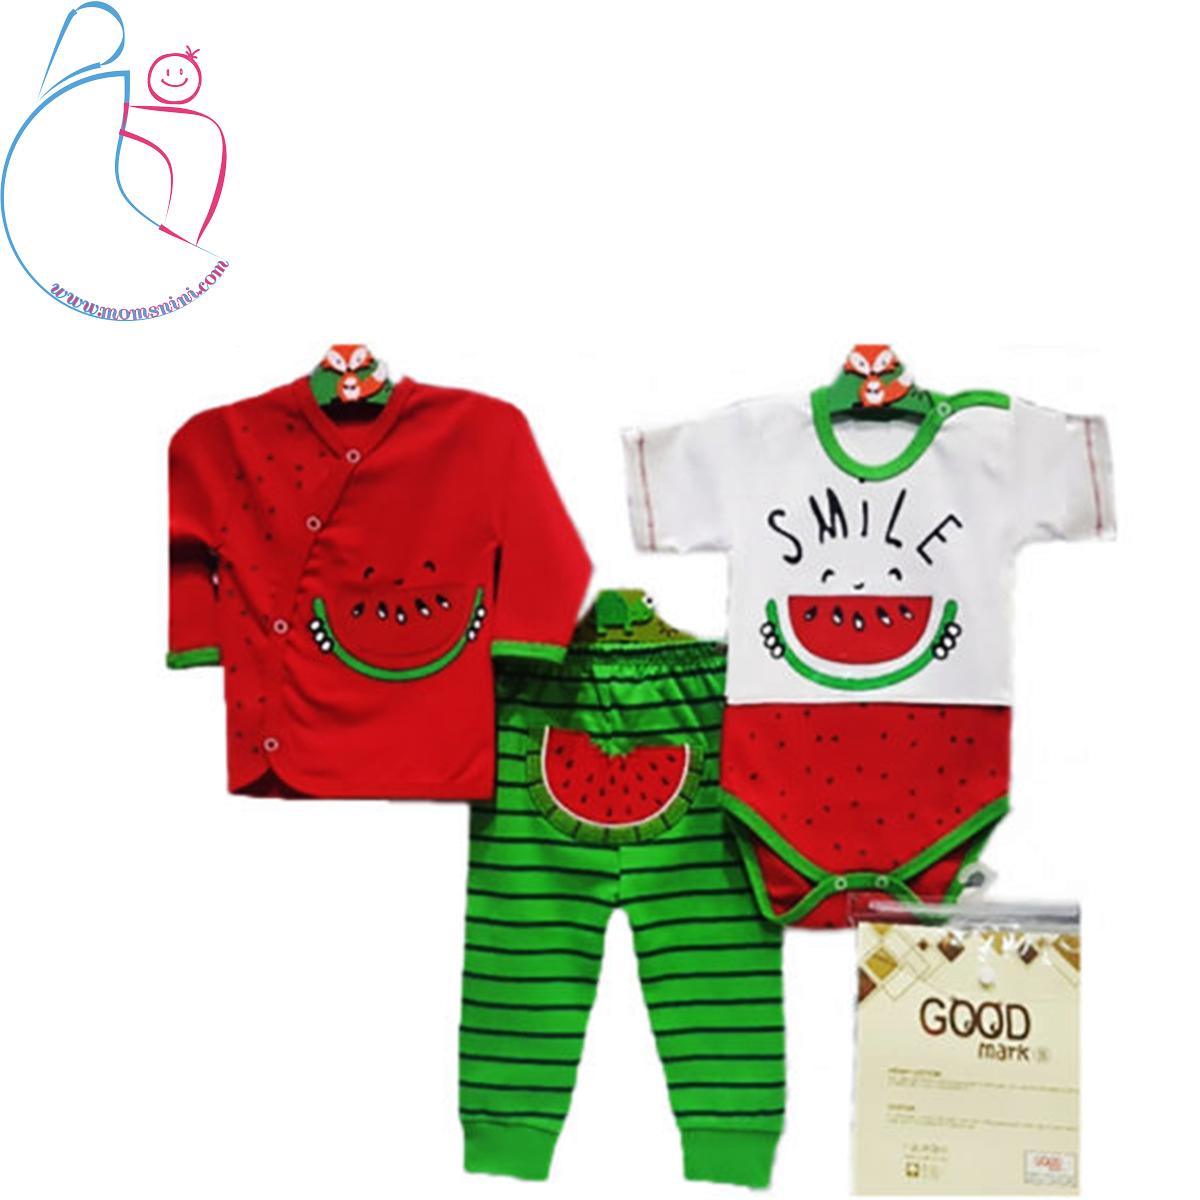 ست ۳ تکه لباس کودک Good mark طرح هندوانه